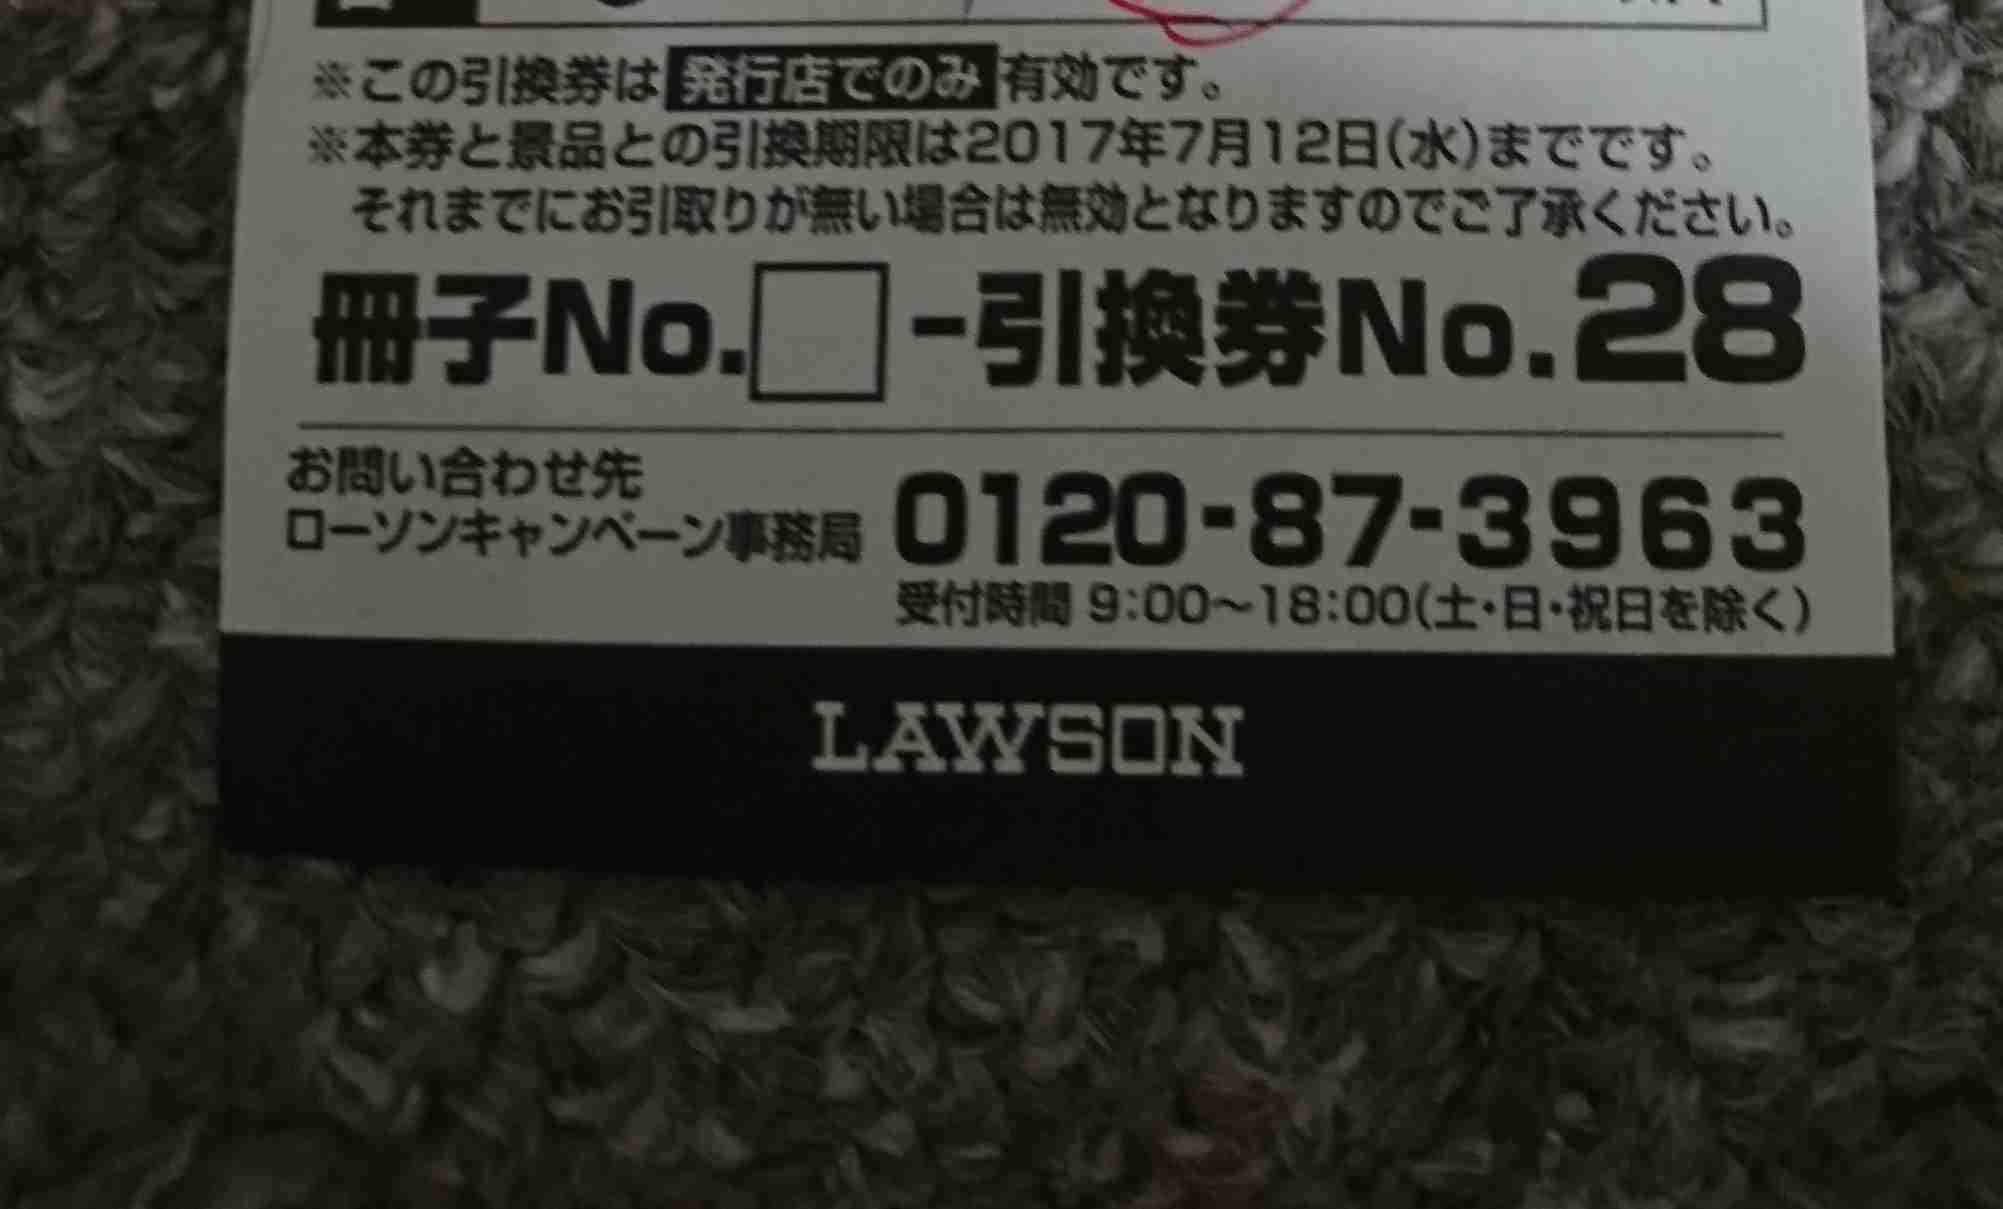 ローソンのおすすめ商品